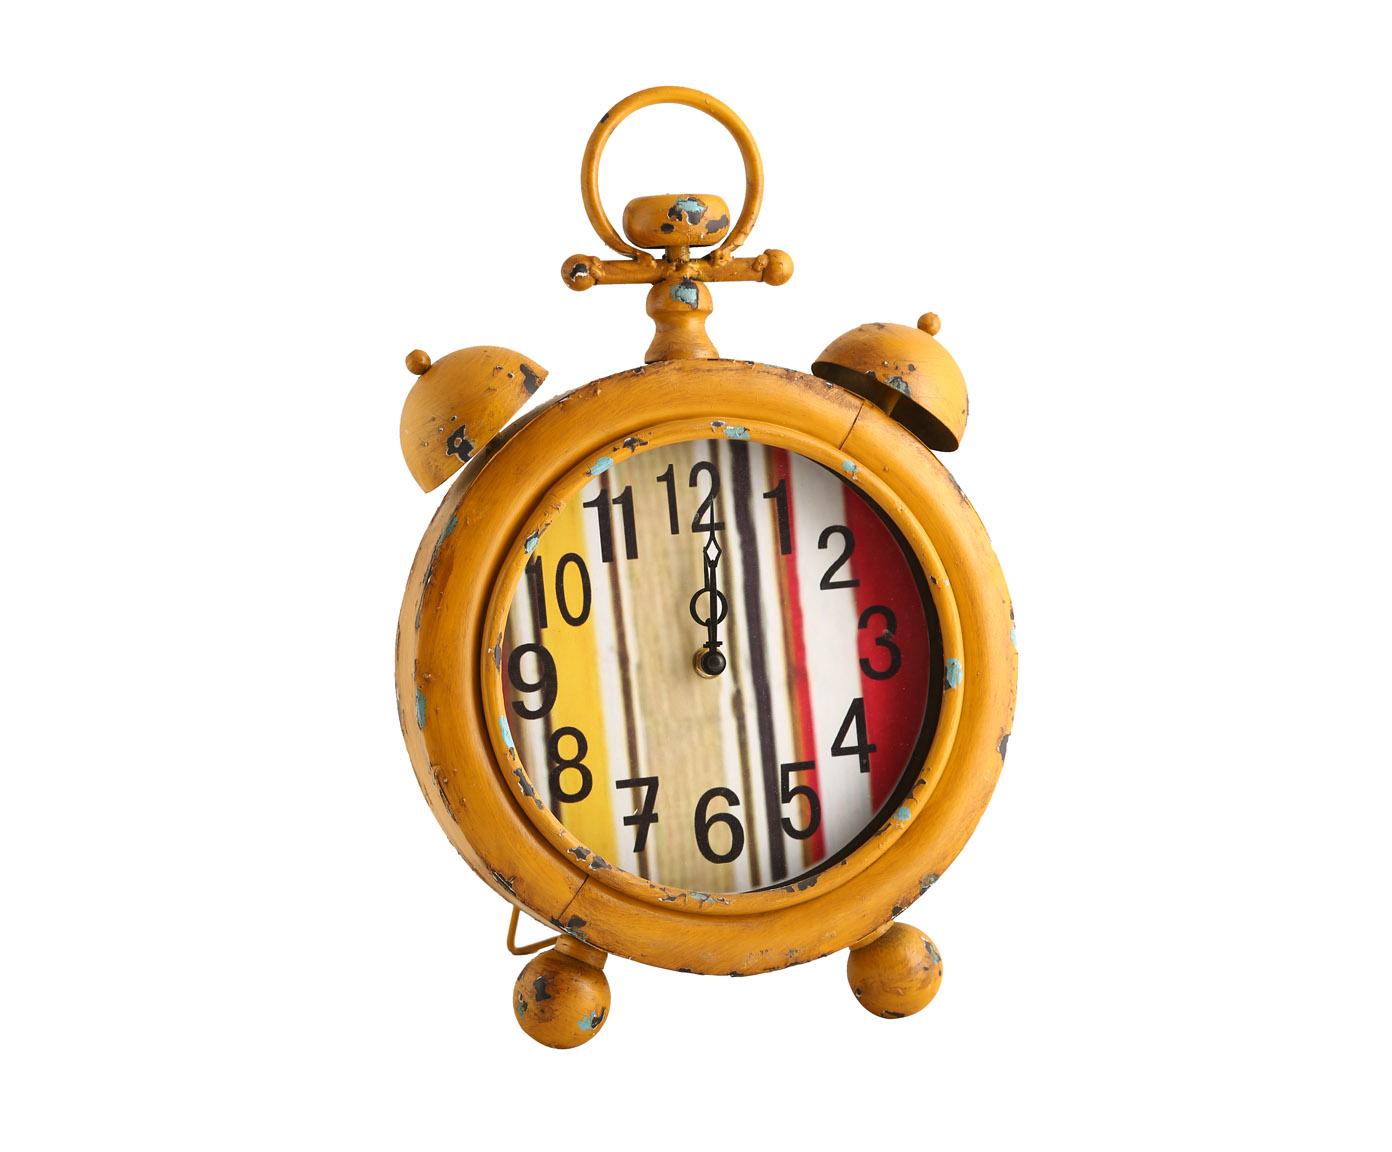 Часы настольныеНастольные часы<br>Дизайнерские часы с кварцевым механизмом. Работают от батарейки типа АА, отличаются оригинальностью и неповторимостью форм и красок.<br><br>Material: Металл<br>Width см: 27<br>Depth см: 7<br>Height см: 47